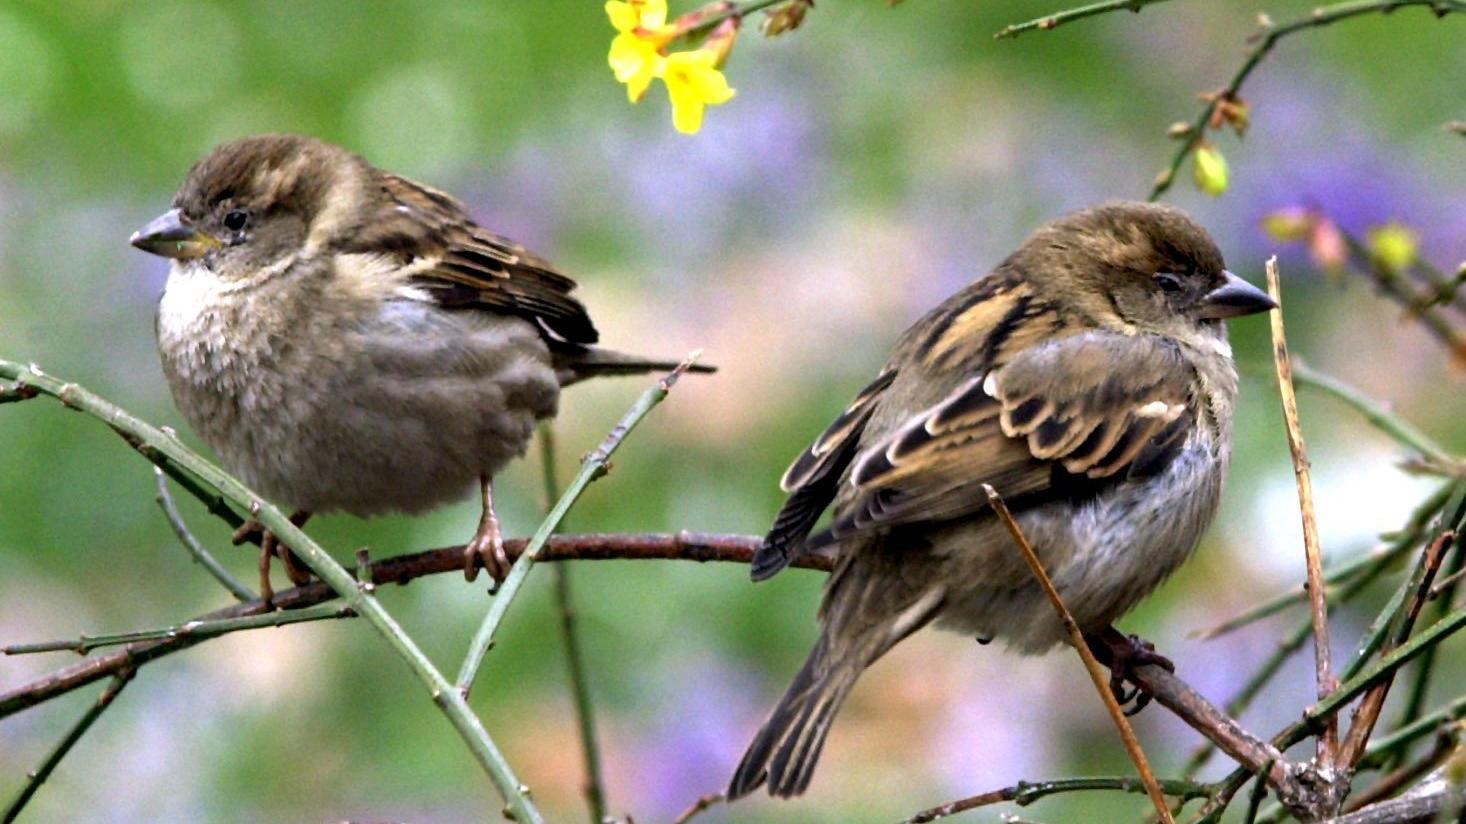 Vögel passen sich schon dem Klimawandel an und werden nicht mehr so groß.